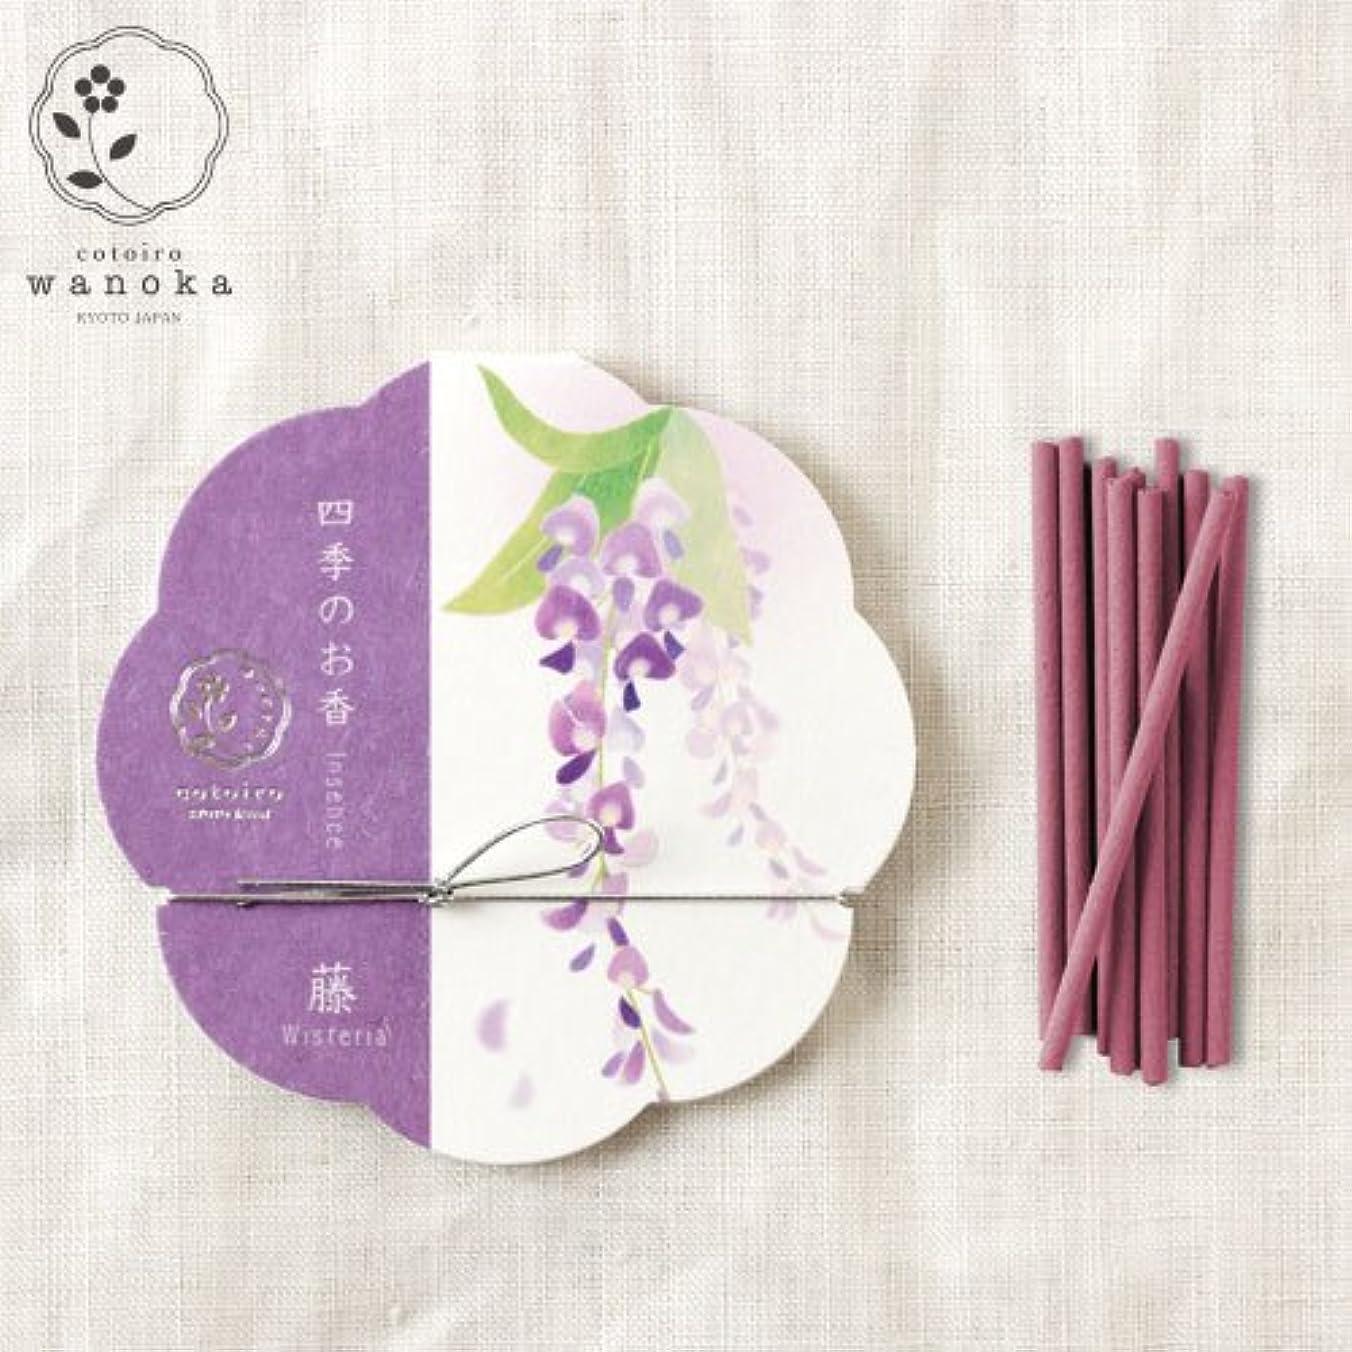 ベッド裏切りトランスペアレントwanoka四季のお香(インセンス)藤《藤をイメージした華やかな香り》ART LABIncense stick